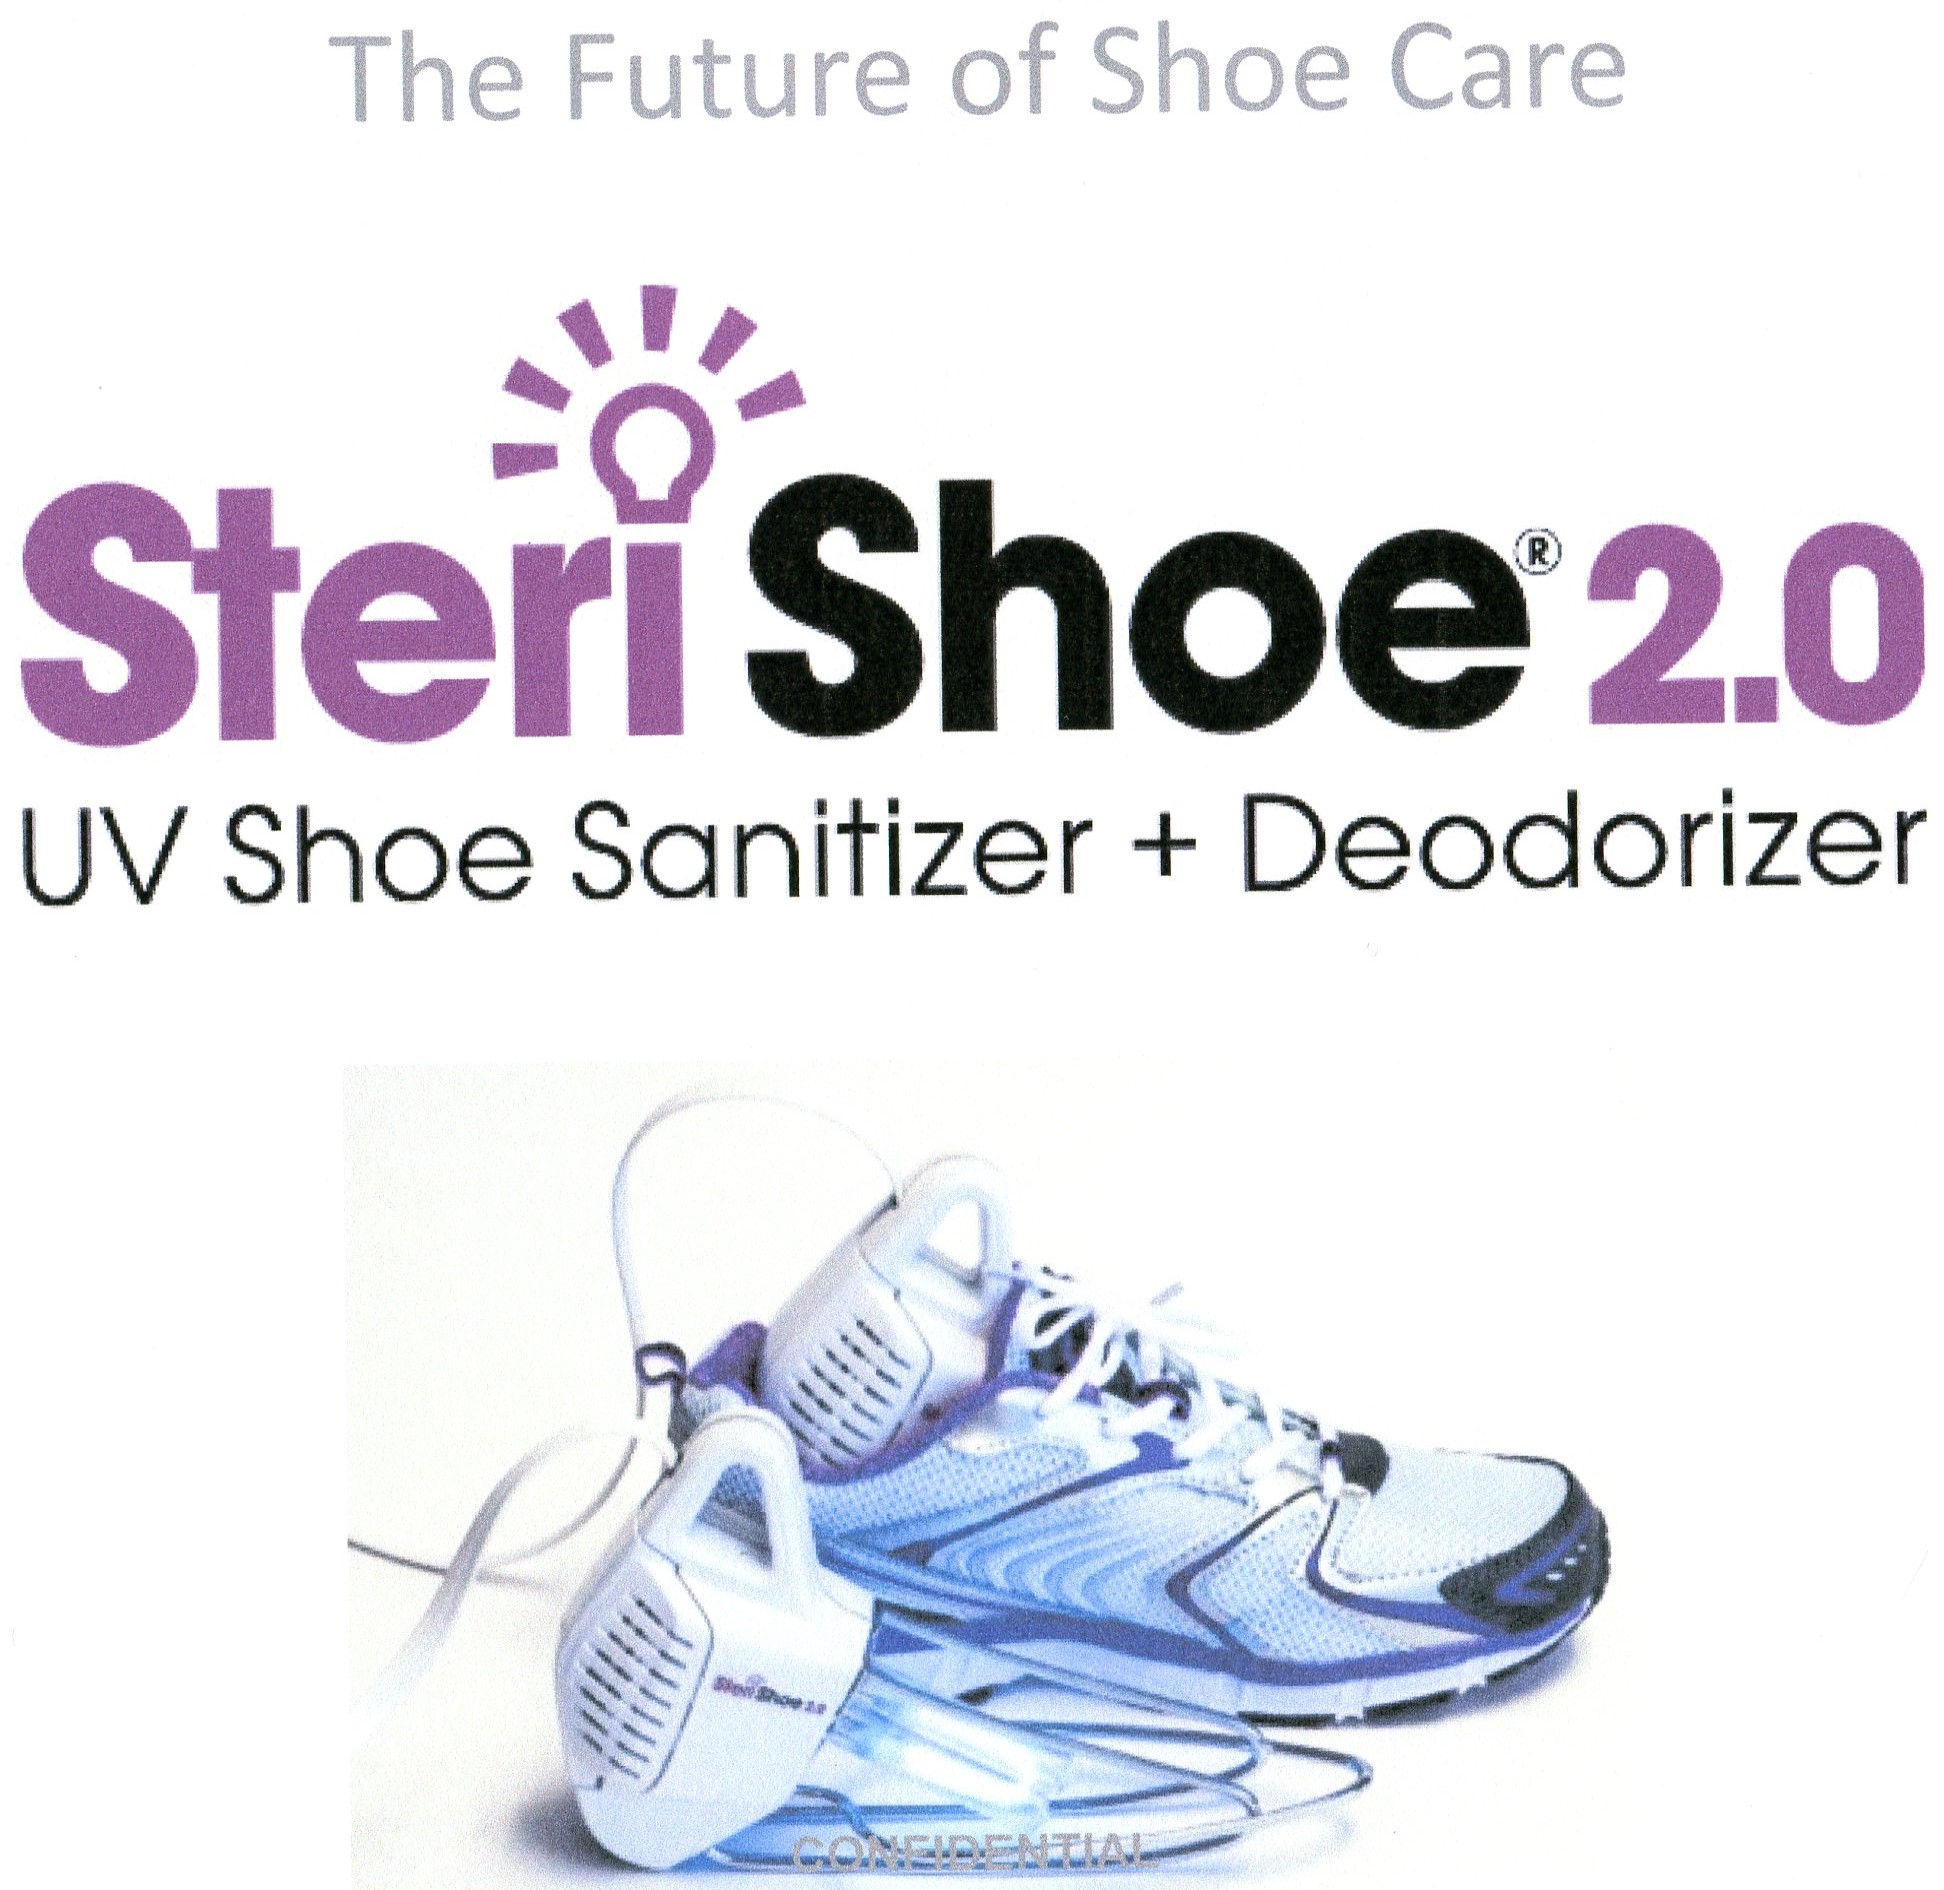 診察中や施術中に殺菌しておきますのでご希望の方は受付スタッフにお靴をお渡しください ♪ 処置中はスリッパでお過ごしいただきます。